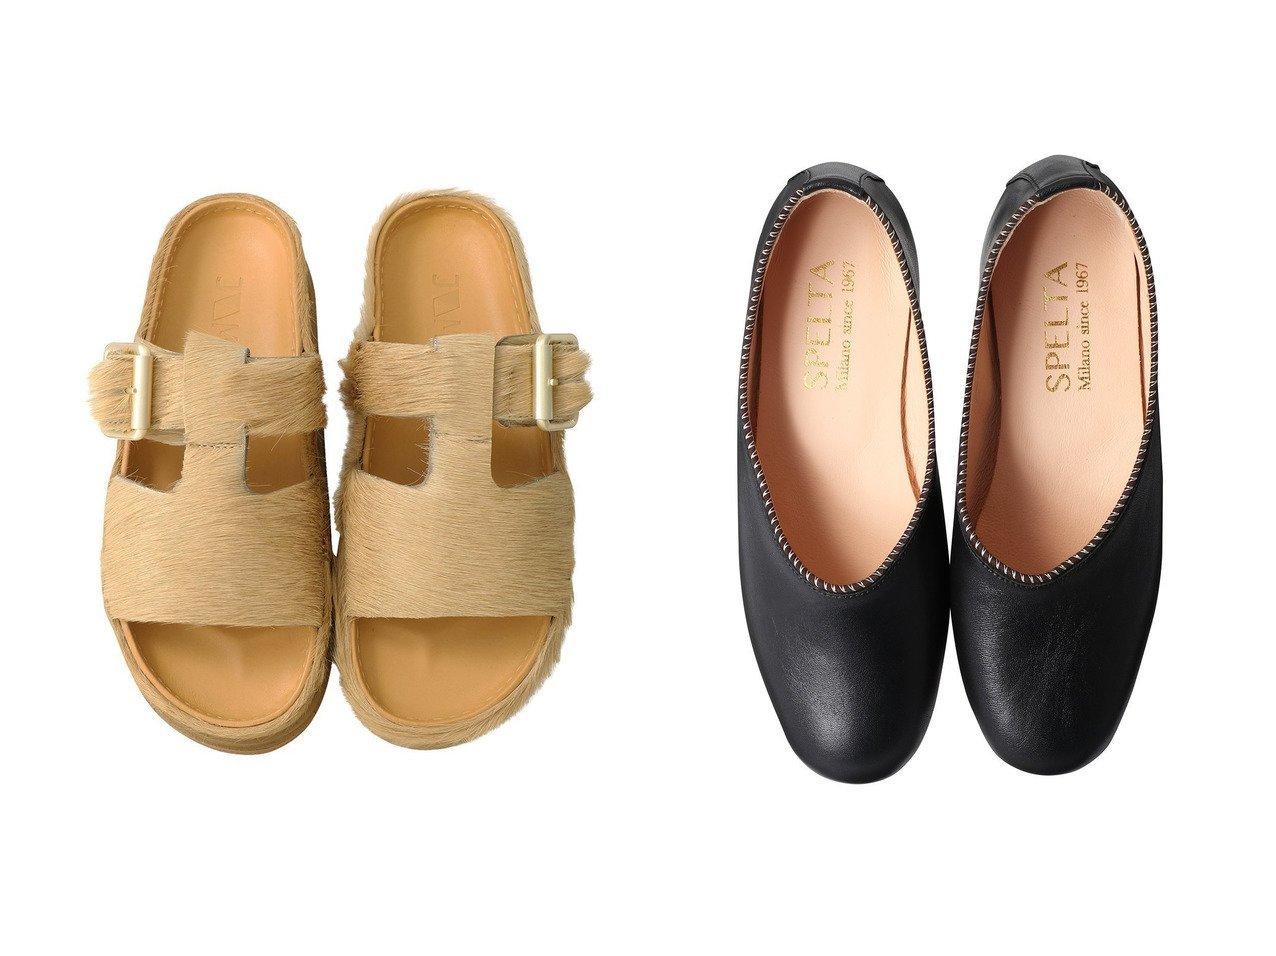 【SPELTA/スペルタ】のPIPER バレエシューズ&【JVAM/ジェーヴィエーエム】のHAEM ヘアカーフサンダル 【シューズ・靴】おすすめ!人気、トレンド・レディースファッションの通販 おすすめで人気の流行・トレンド、ファッションの通販商品 インテリア・家具・メンズファッション・キッズファッション・レディースファッション・服の通販 founy(ファニー) https://founy.com/ ファッション Fashion レディースファッション WOMEN サンダル メタリック リュクス 2020年 2020 2020-2021秋冬・A/W AW・Autumn/Winter・FW・Fall-Winter/2020-2021 2021年 2021 2021-2022秋冬・A/W AW・Autumn/Winter・FW・Fall-Winter・2021-2022 A/W・秋冬 AW・Autumn/Winter・FW・Fall-Winter シューズ バレエ フラット |ID:crp329100000069188